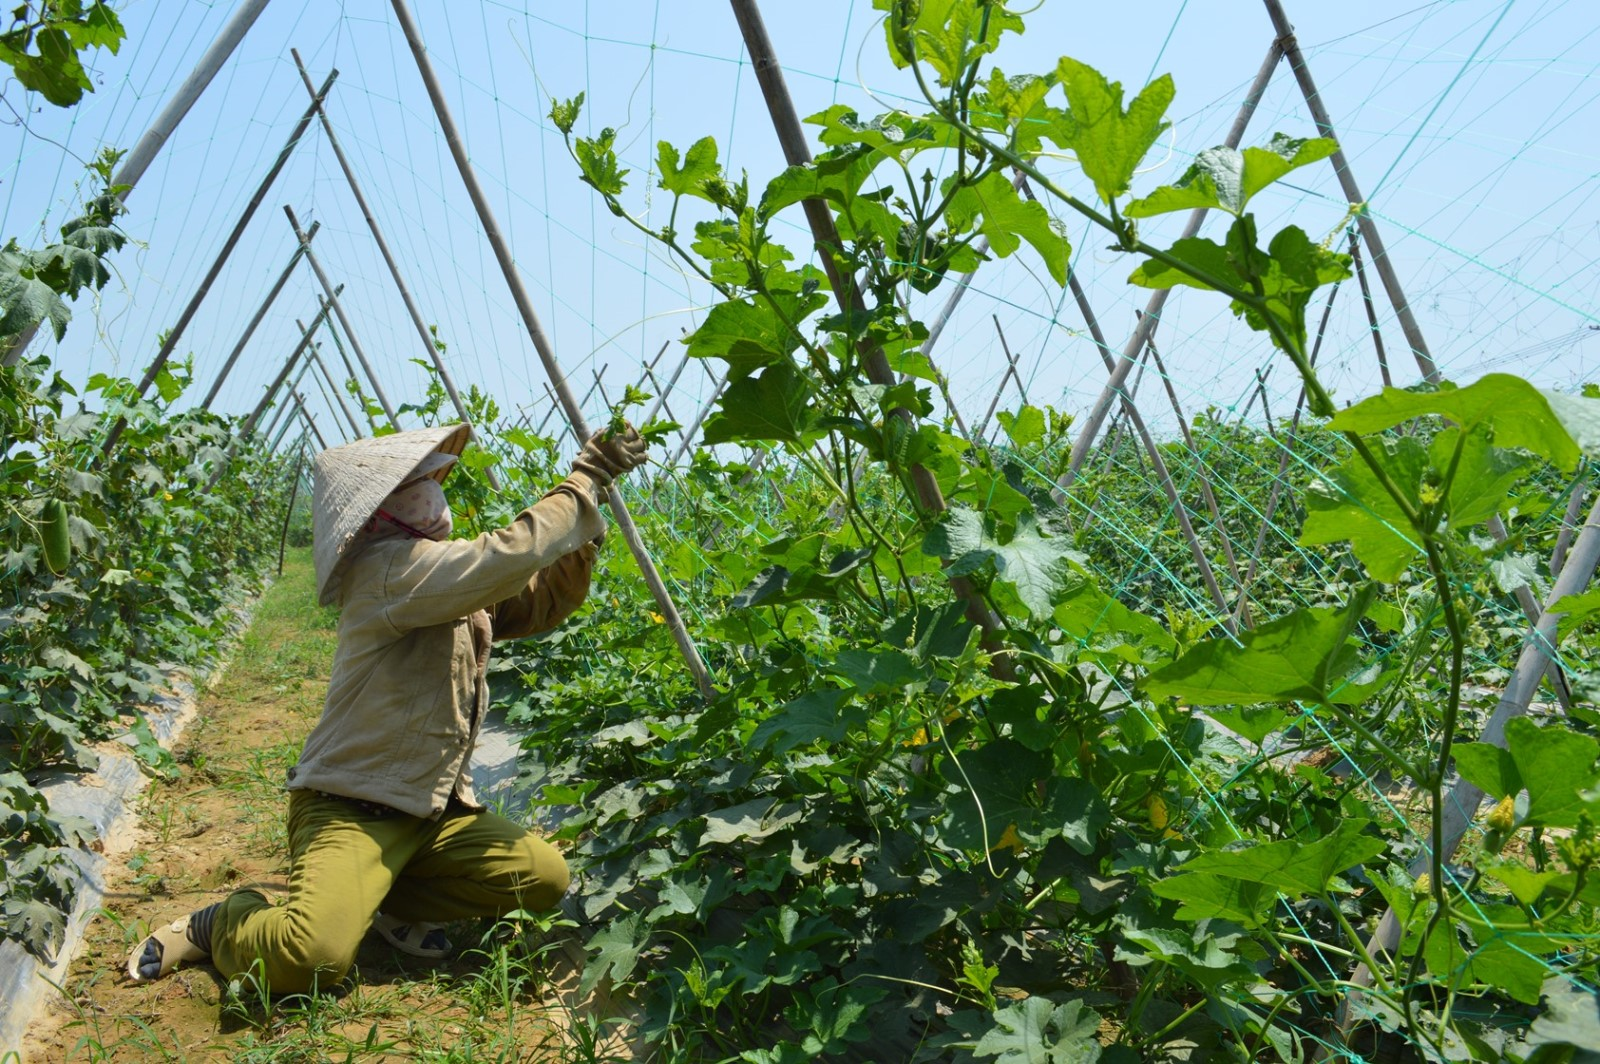 Nông dân làng rau Bàu Tròn vào vụ sản xuất.